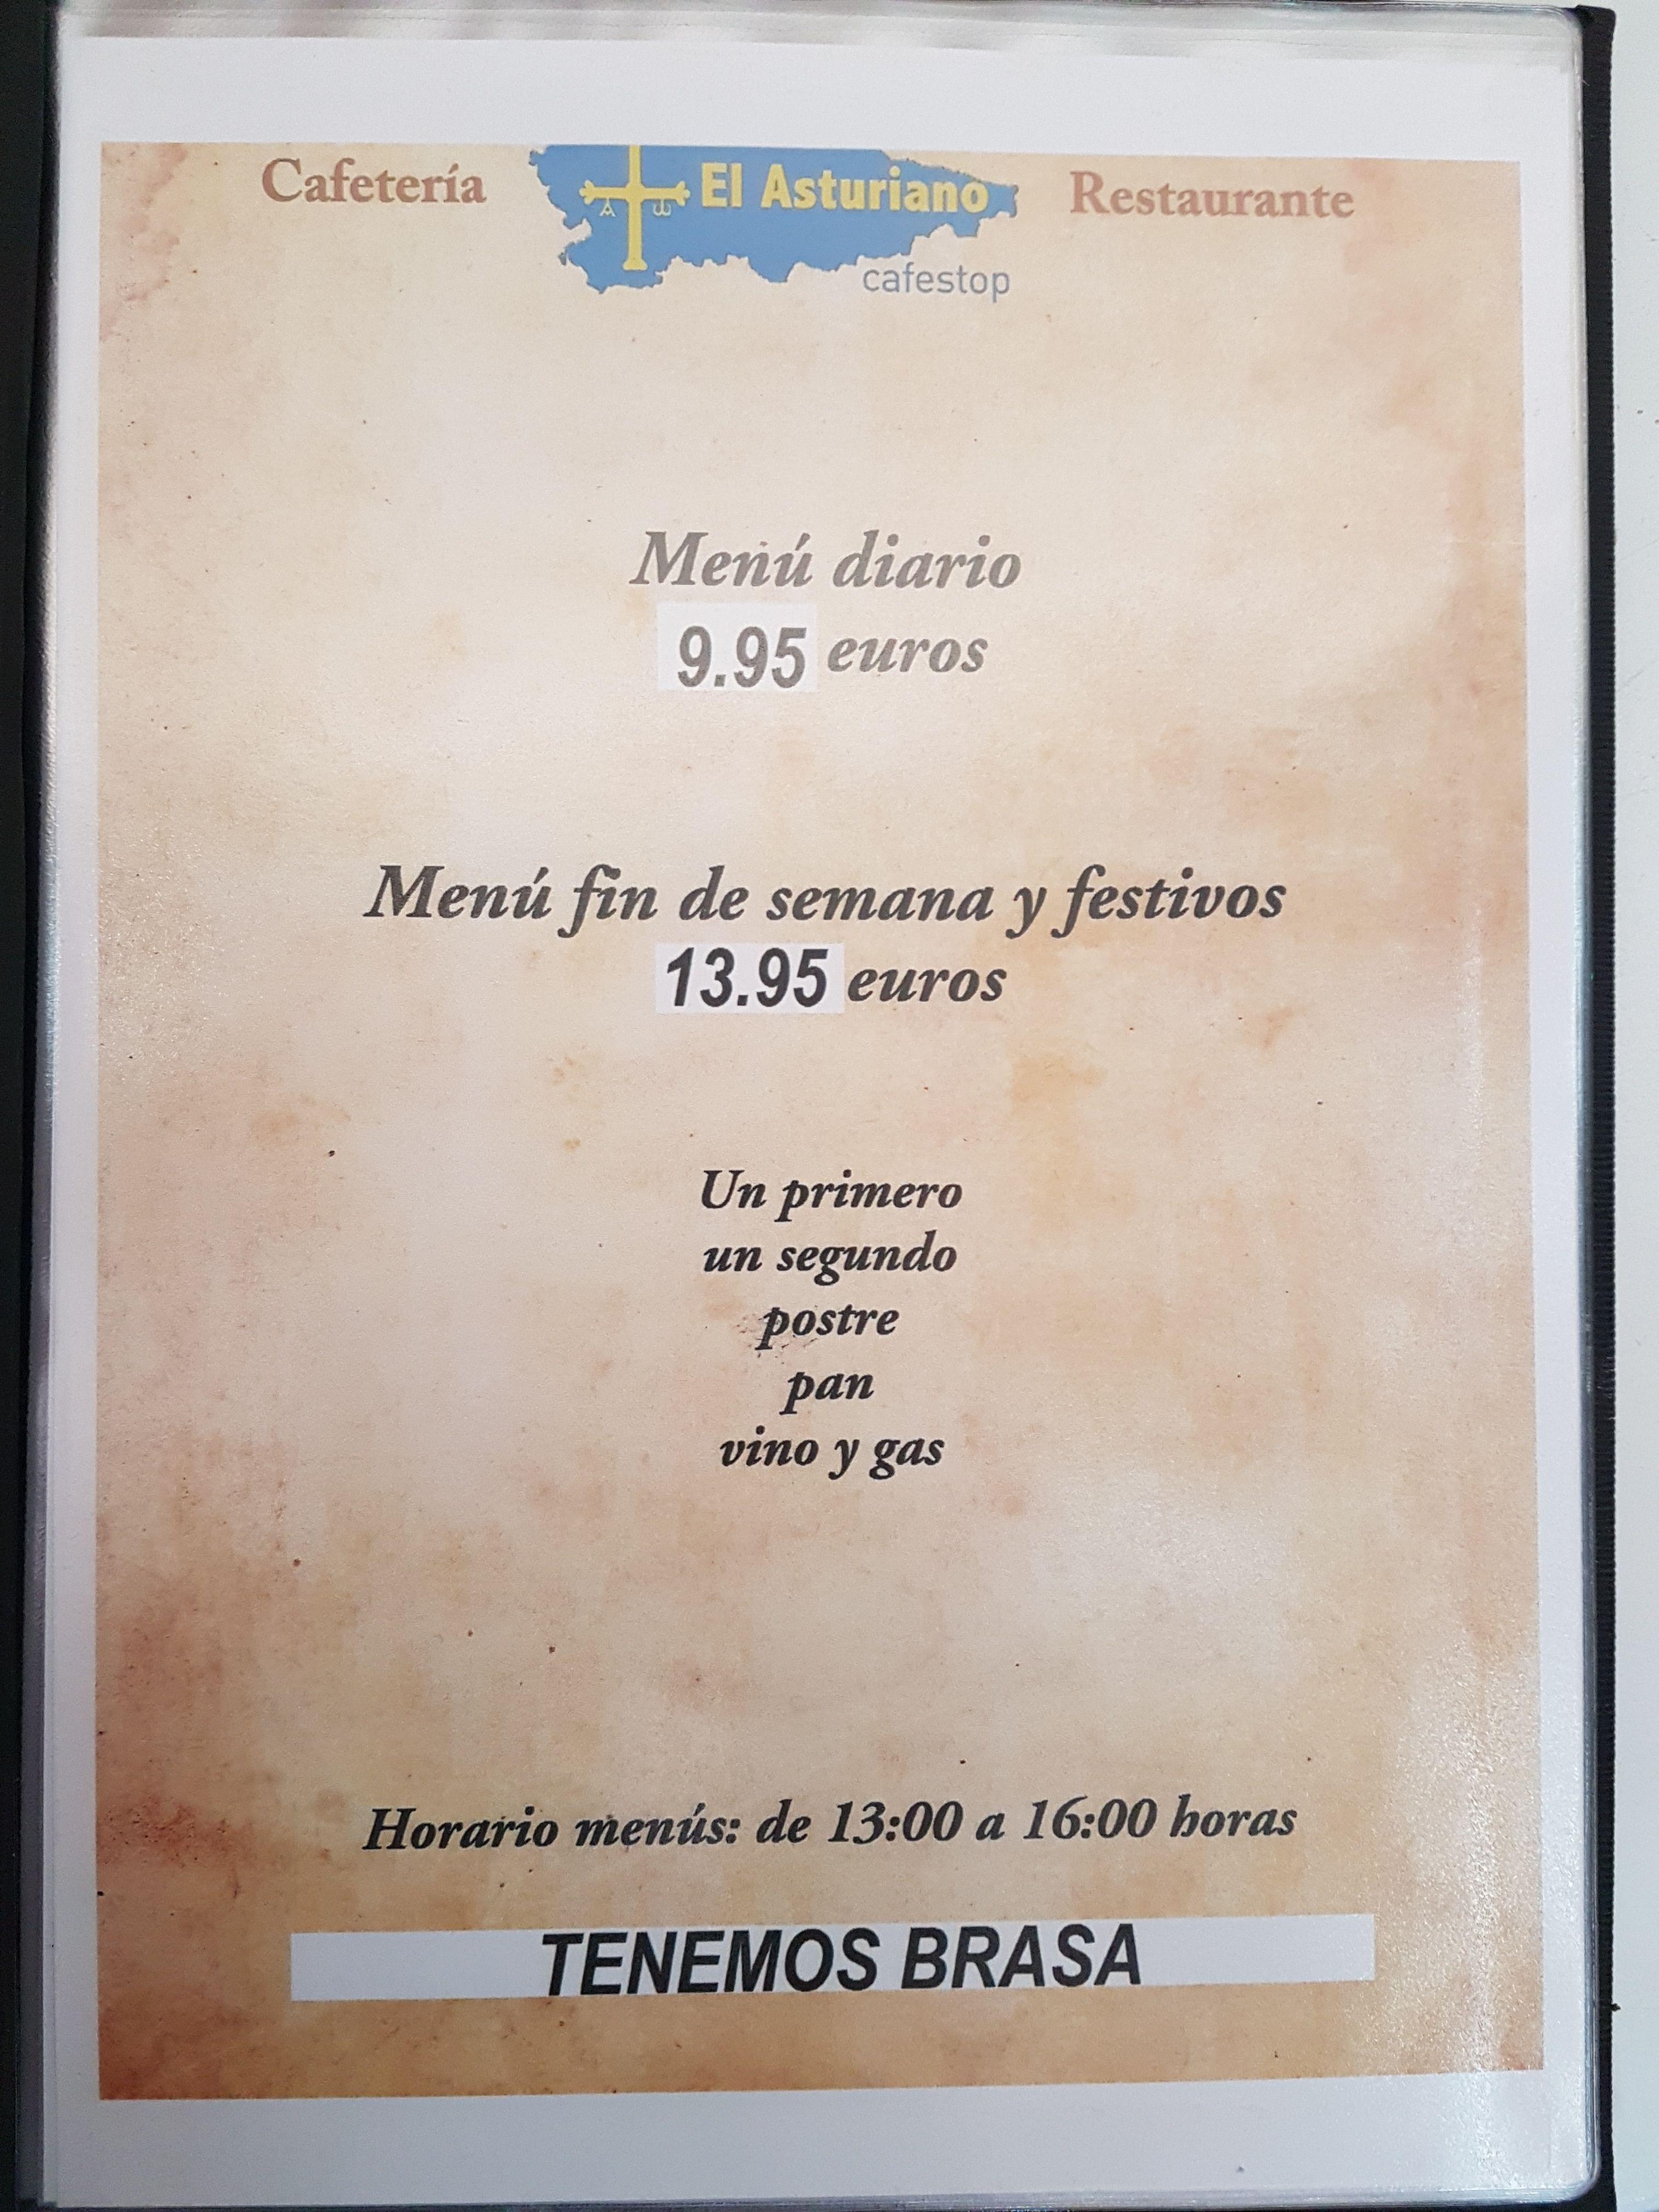 Foto 8 de Cafetería - restaurante en La Muela | Cafetería Restaurante El Asturiano